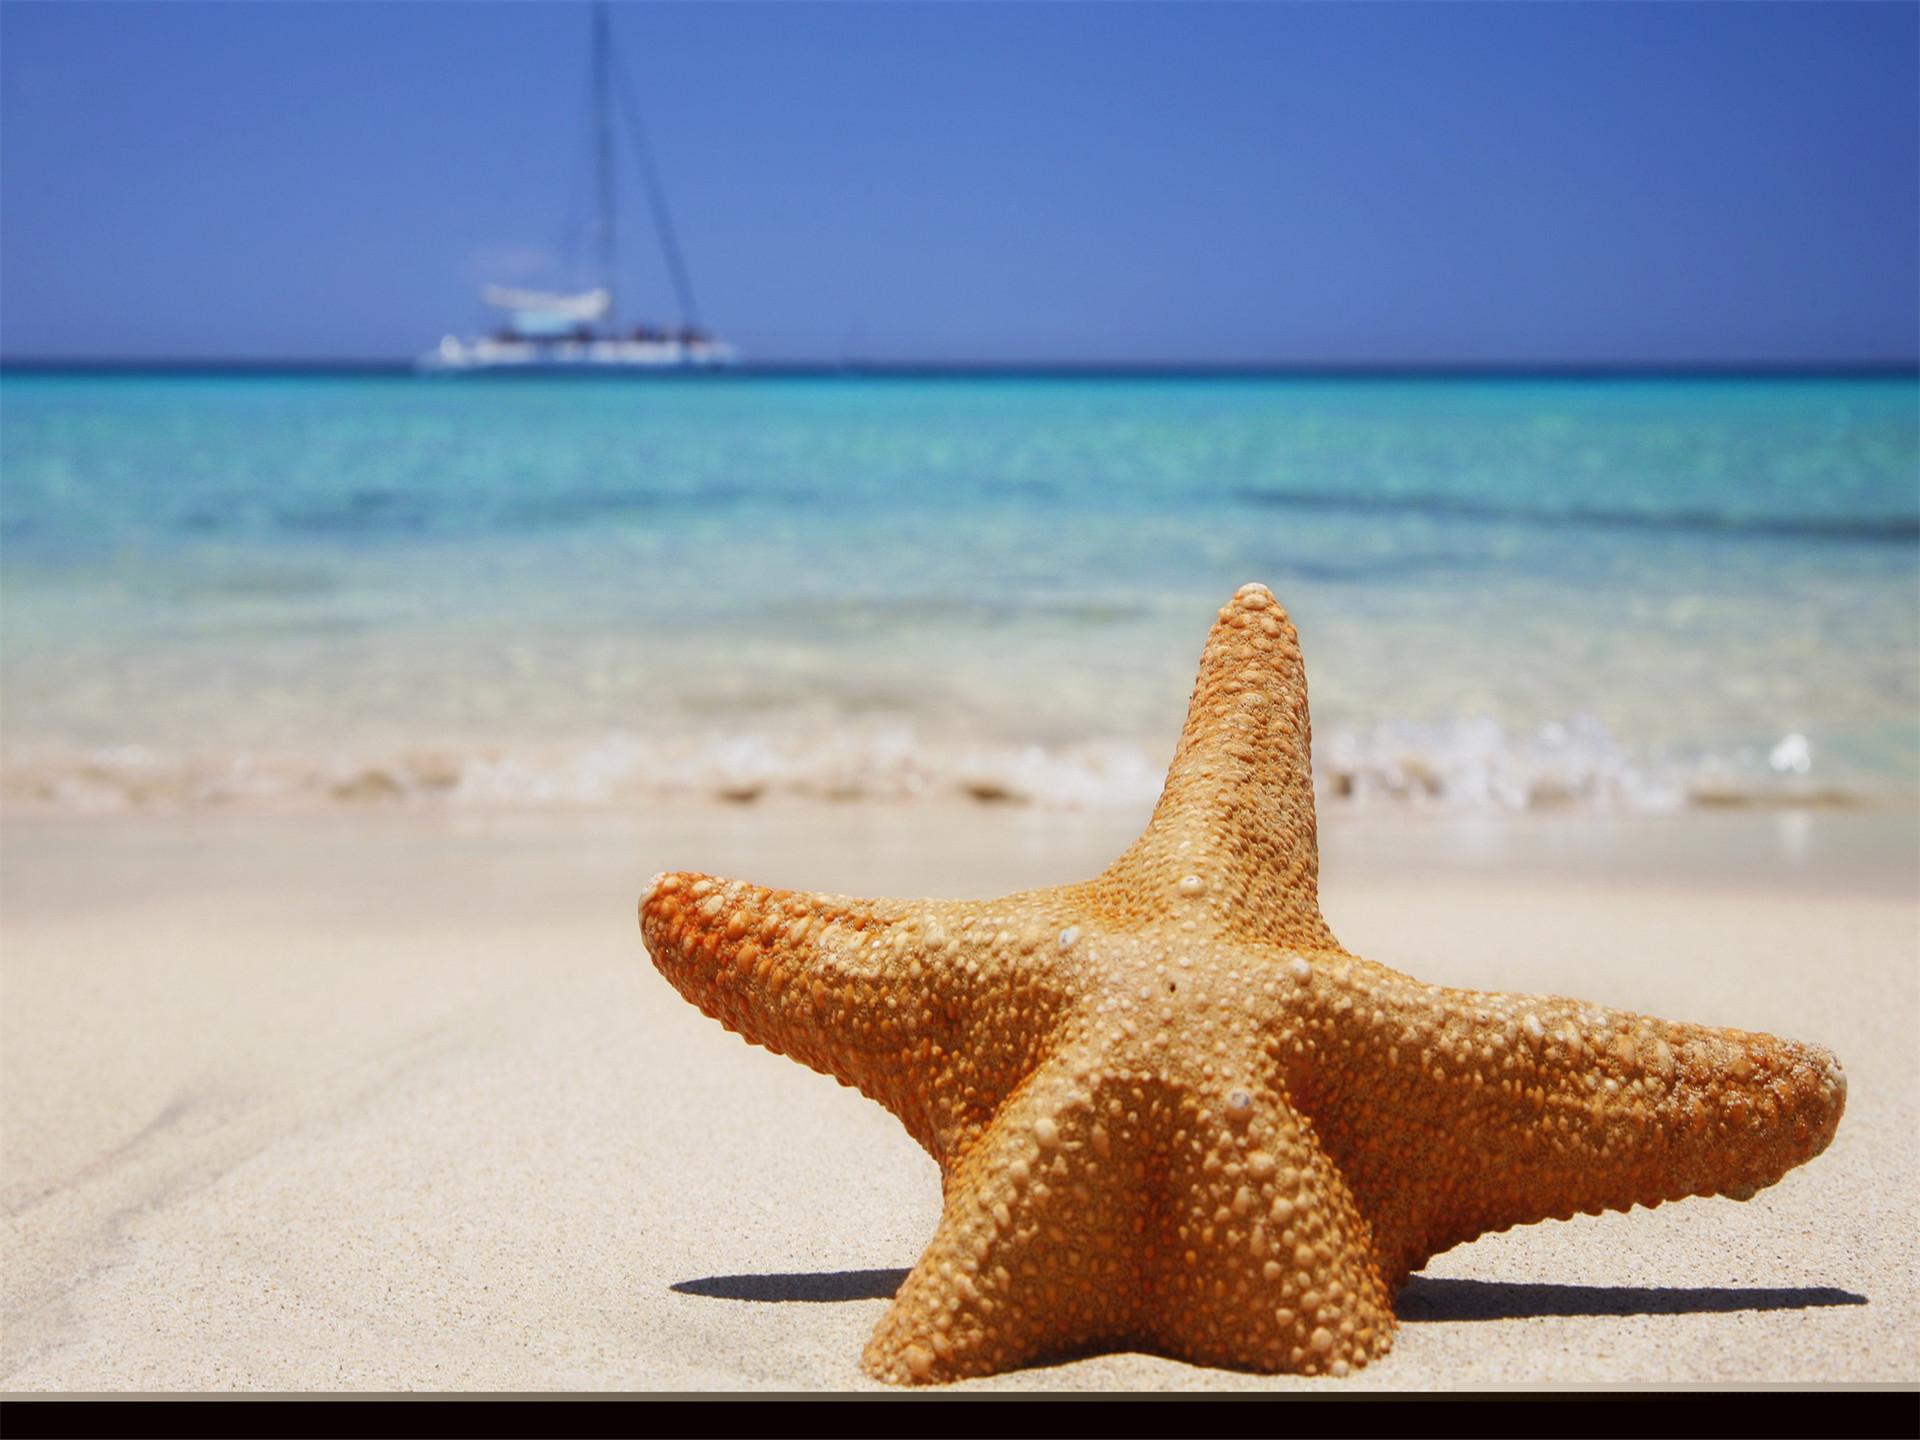 """海星沙滩PPT背景图片免费下载是由PPT宝藏(www.pptbz.com)会员zengmin上传推荐的简约PPT背景图片, 更新时间为2017-01-22,素材编号120674。 海星与海参、海胆同属棘皮动物。它们通常有五个腕 但也有四六个,体扁平,多呈星形。整个身体由许多钙质骨板借结缔组织结合而成,体表有突出的棘、瘤或疣等附属物。有的多达50条腕,在这些腕下侧并排长有4 列密 密的管足。 身体表面有许多凸凹不平的""""疙瘩"""",叫做棘状突起,是由钙质的内骨骼突出表面海星体内结构皮肤而形"""